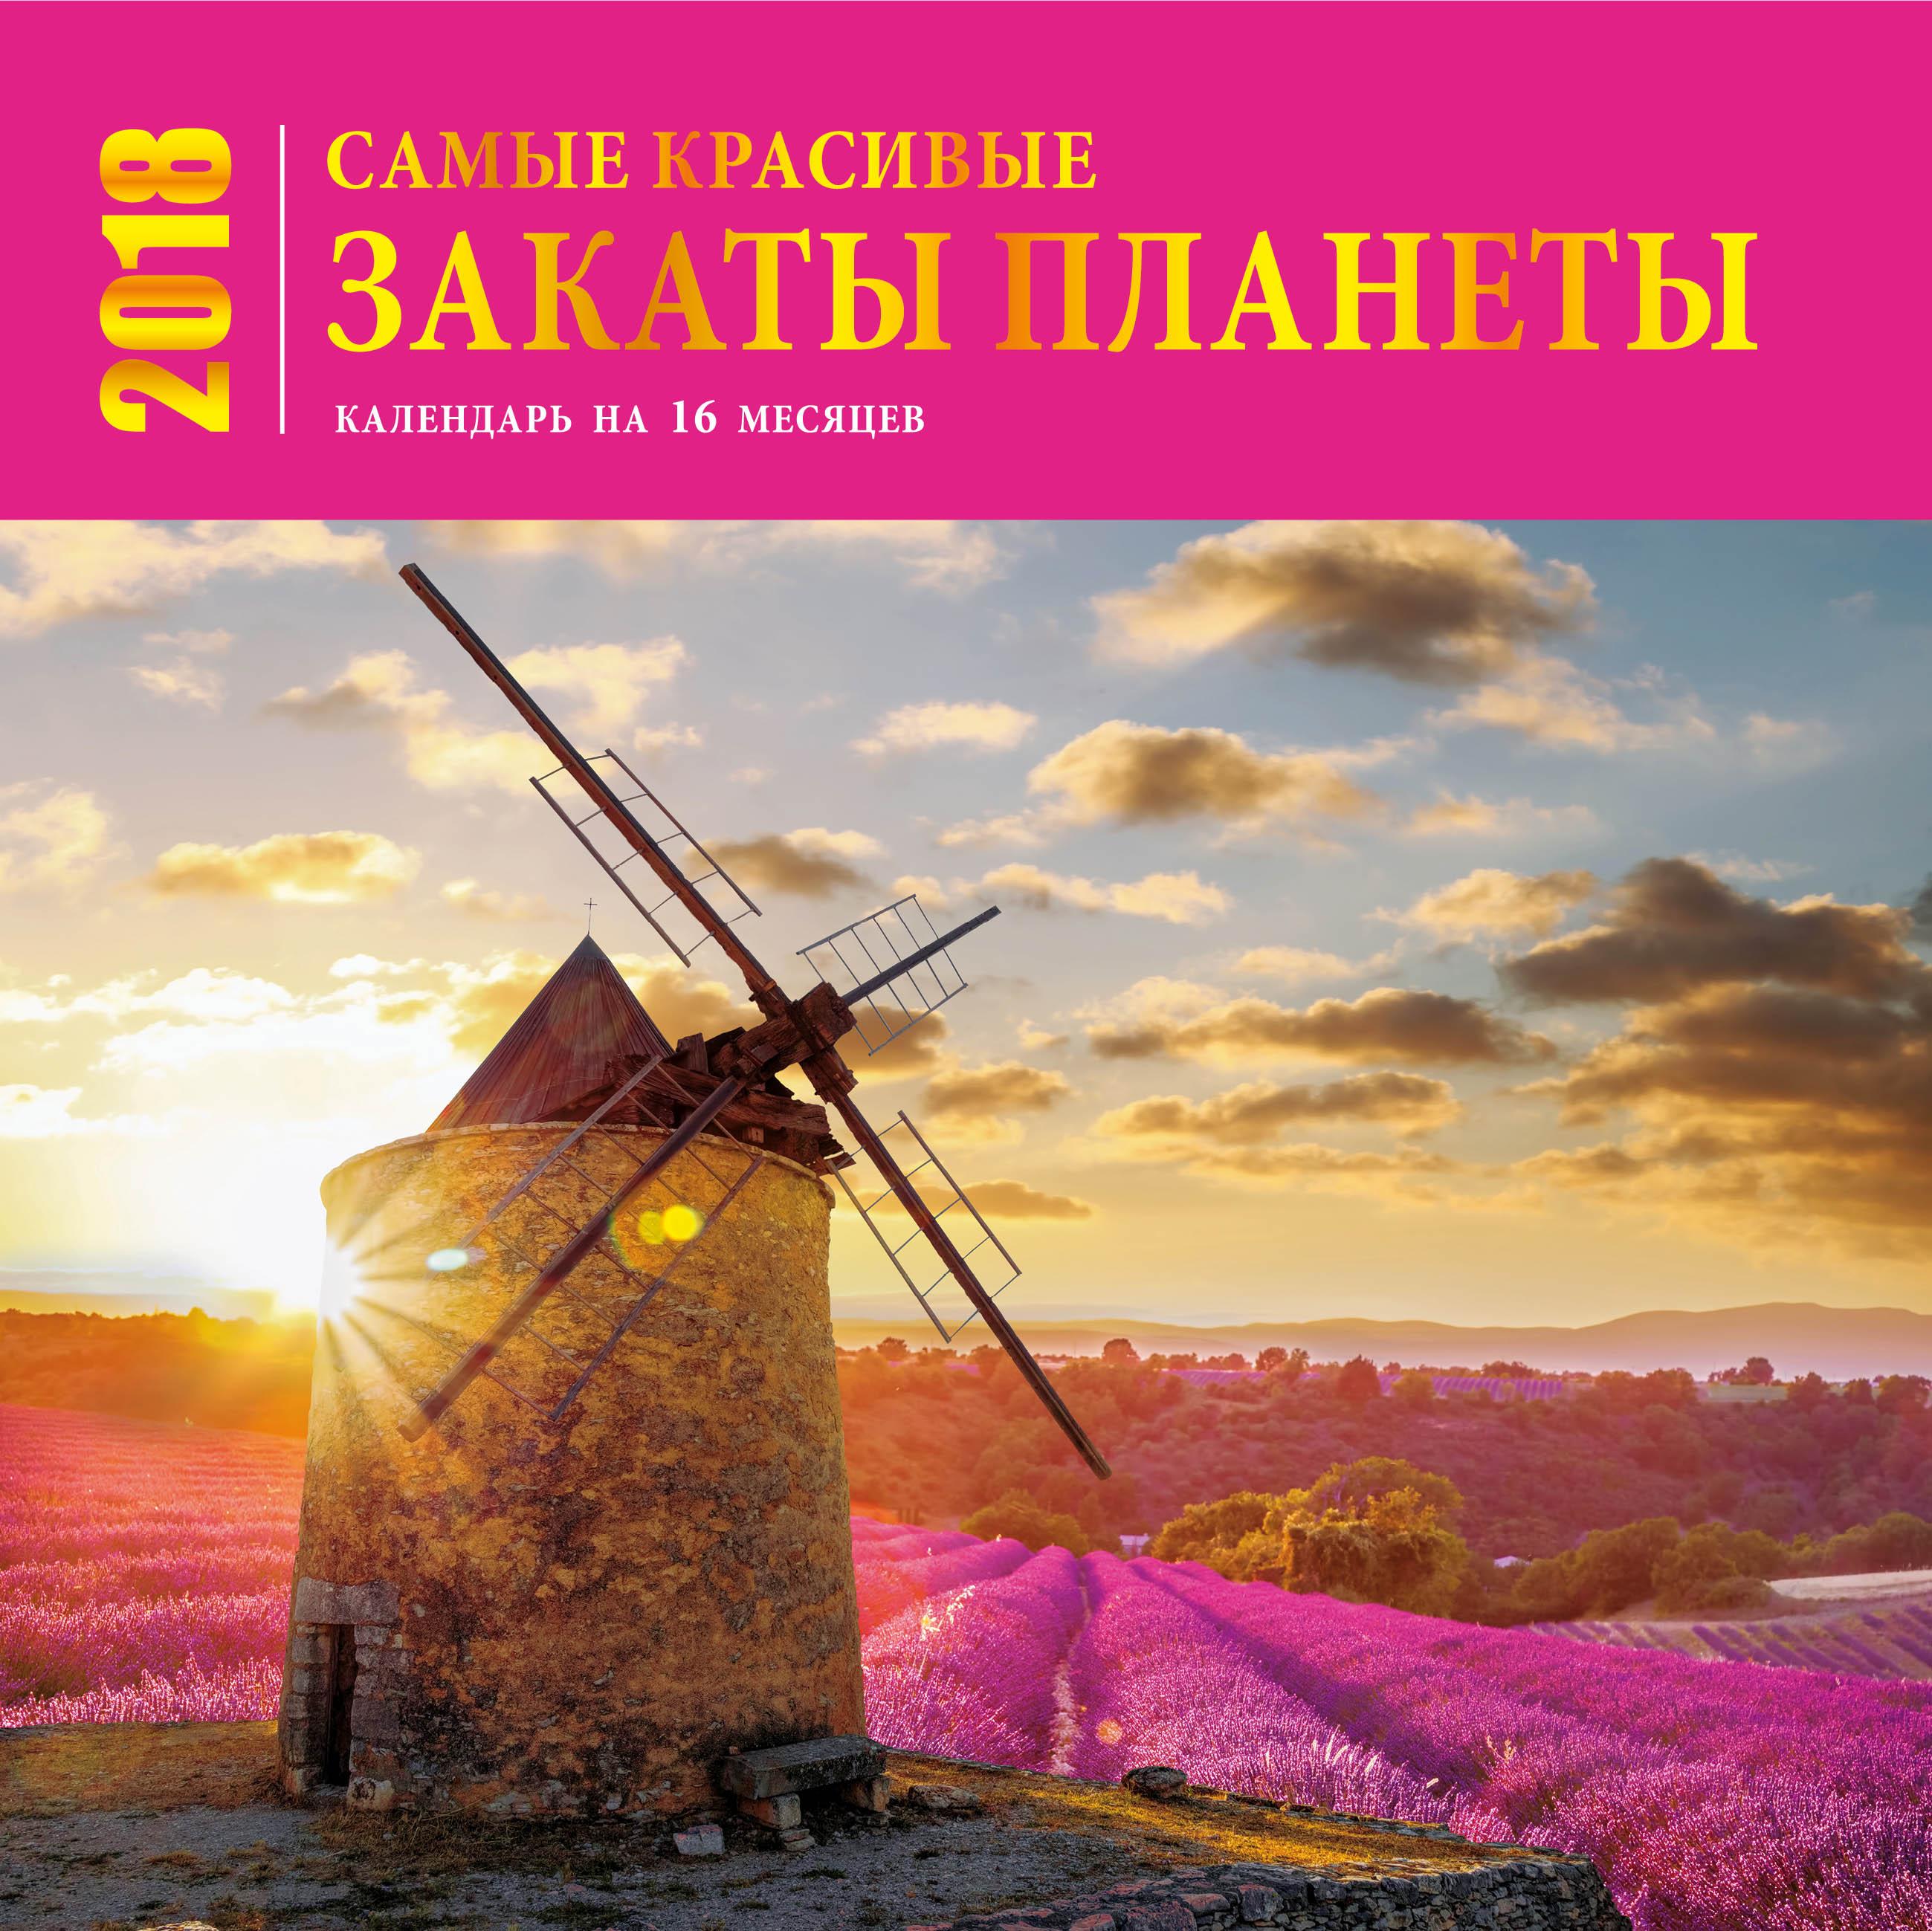 Самые красивые закаты планеты. Календарь (настенный, на 16 месяцев) 2018 от book24.ru